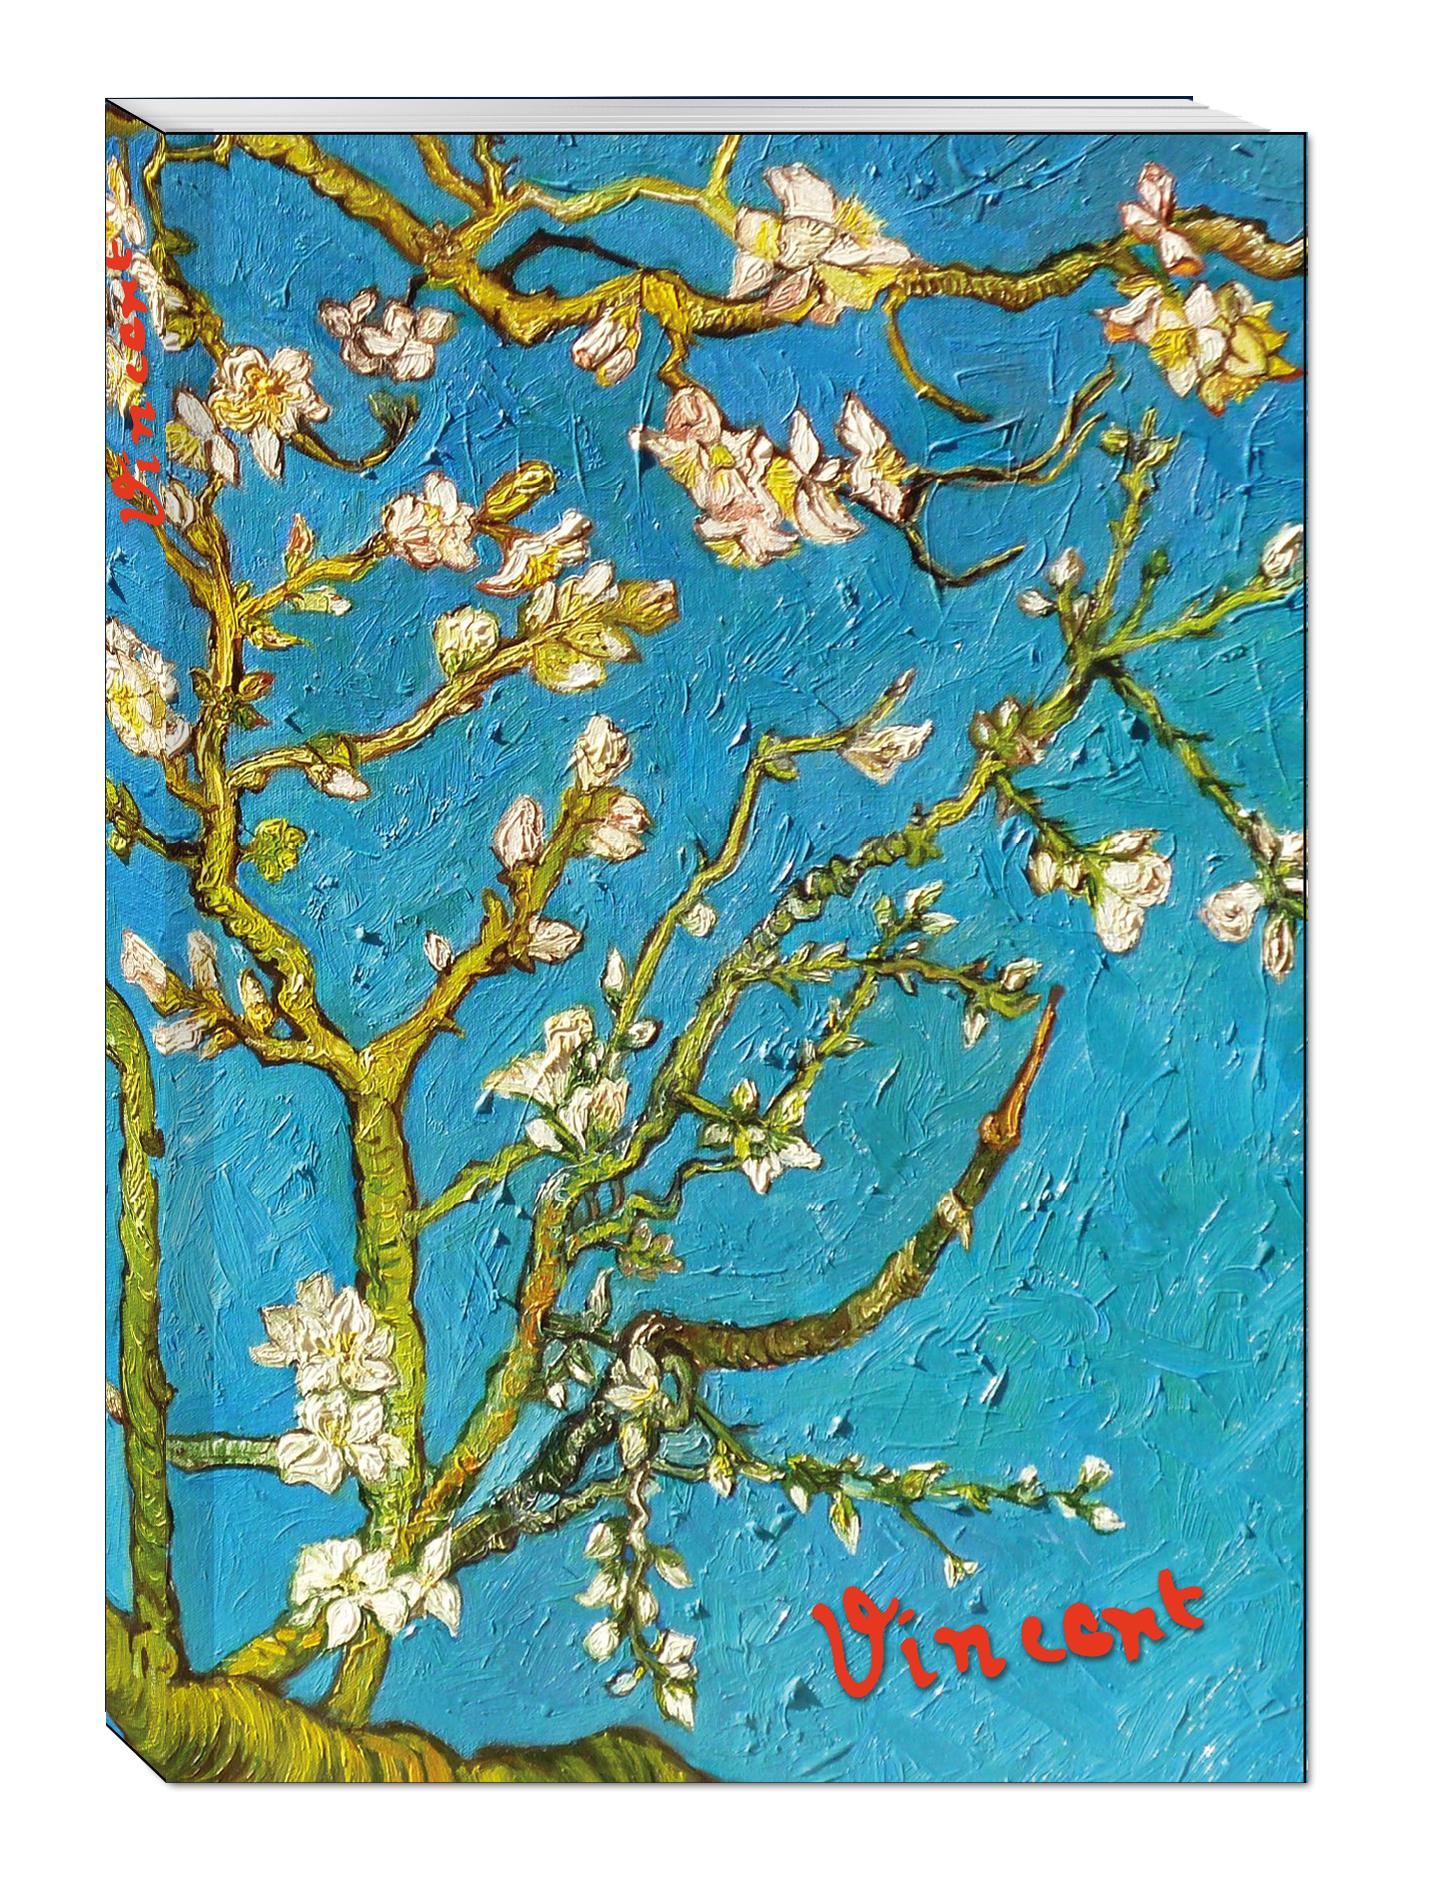 Блокнот в пластиковой обложке. Ван Гог. Цветущие ветки миндаля (формат А5, 160 стр.) (Арте) блокнот в пластиковой обложке ван гог звёздная ночь формат а5 160 стр